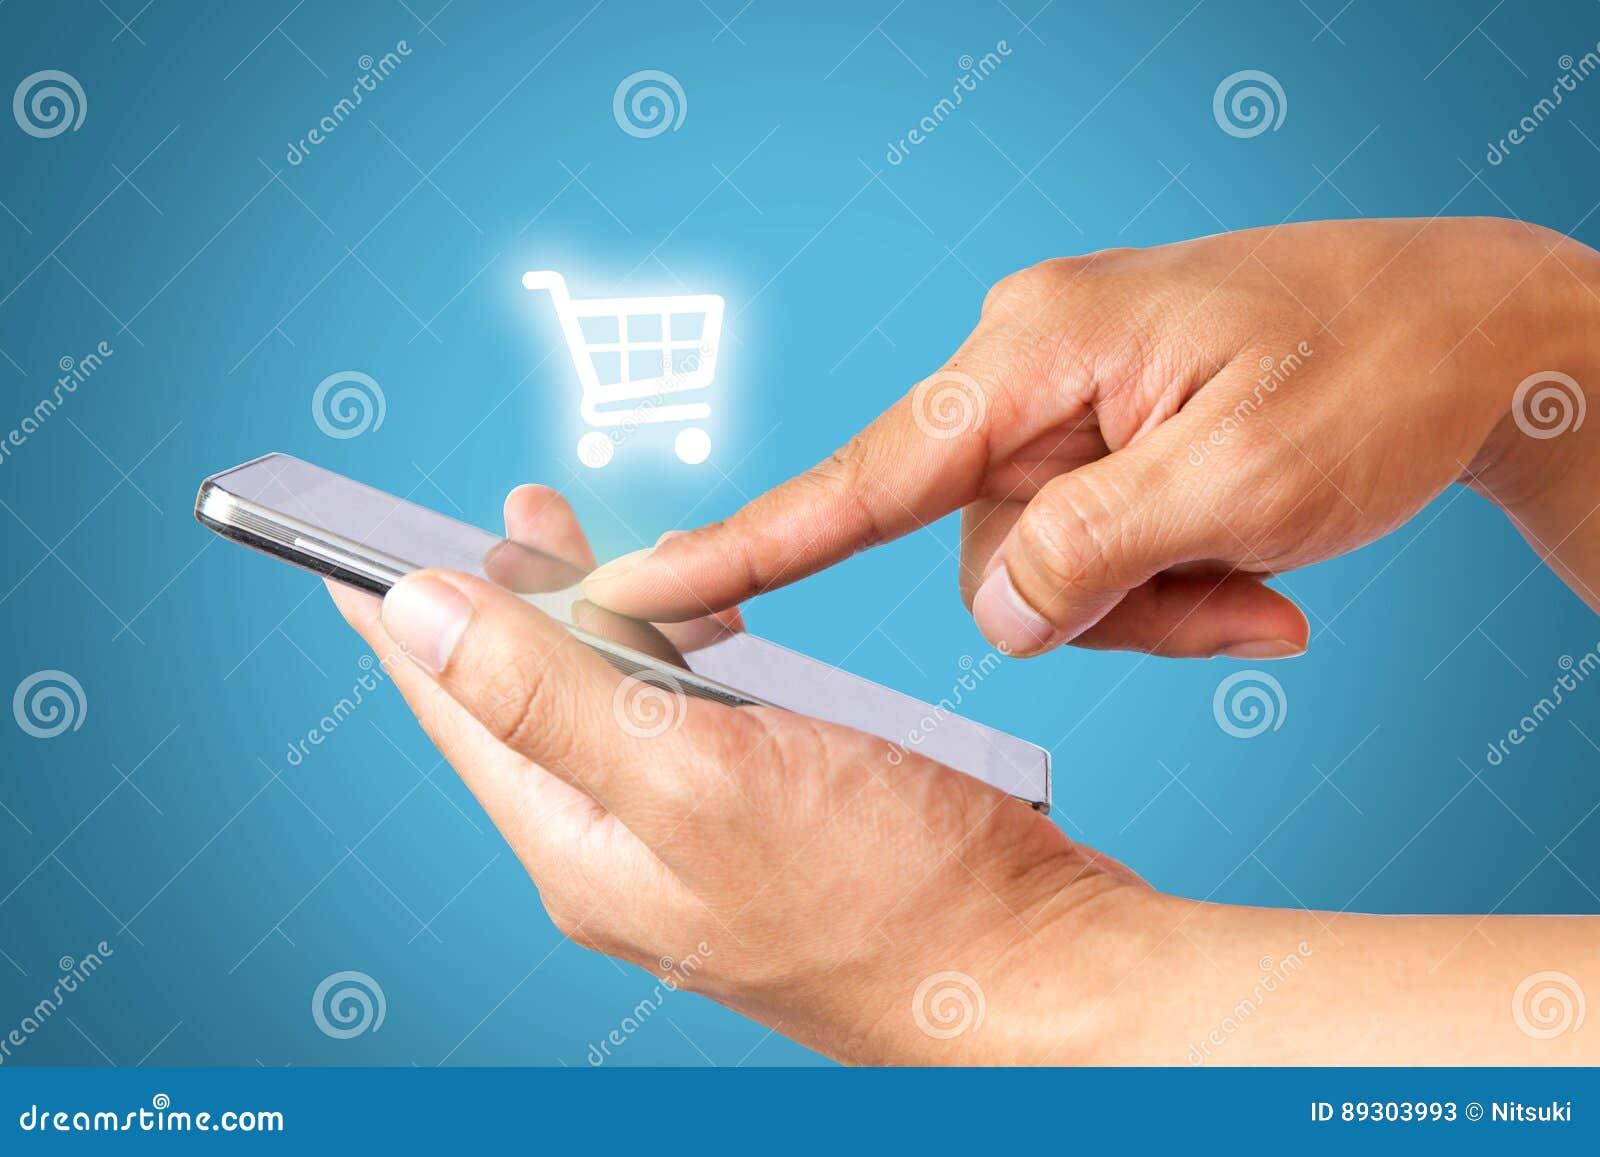 Main utilisant des achats de téléphone portable, des affaires et le concept en ligne de commerce électronique